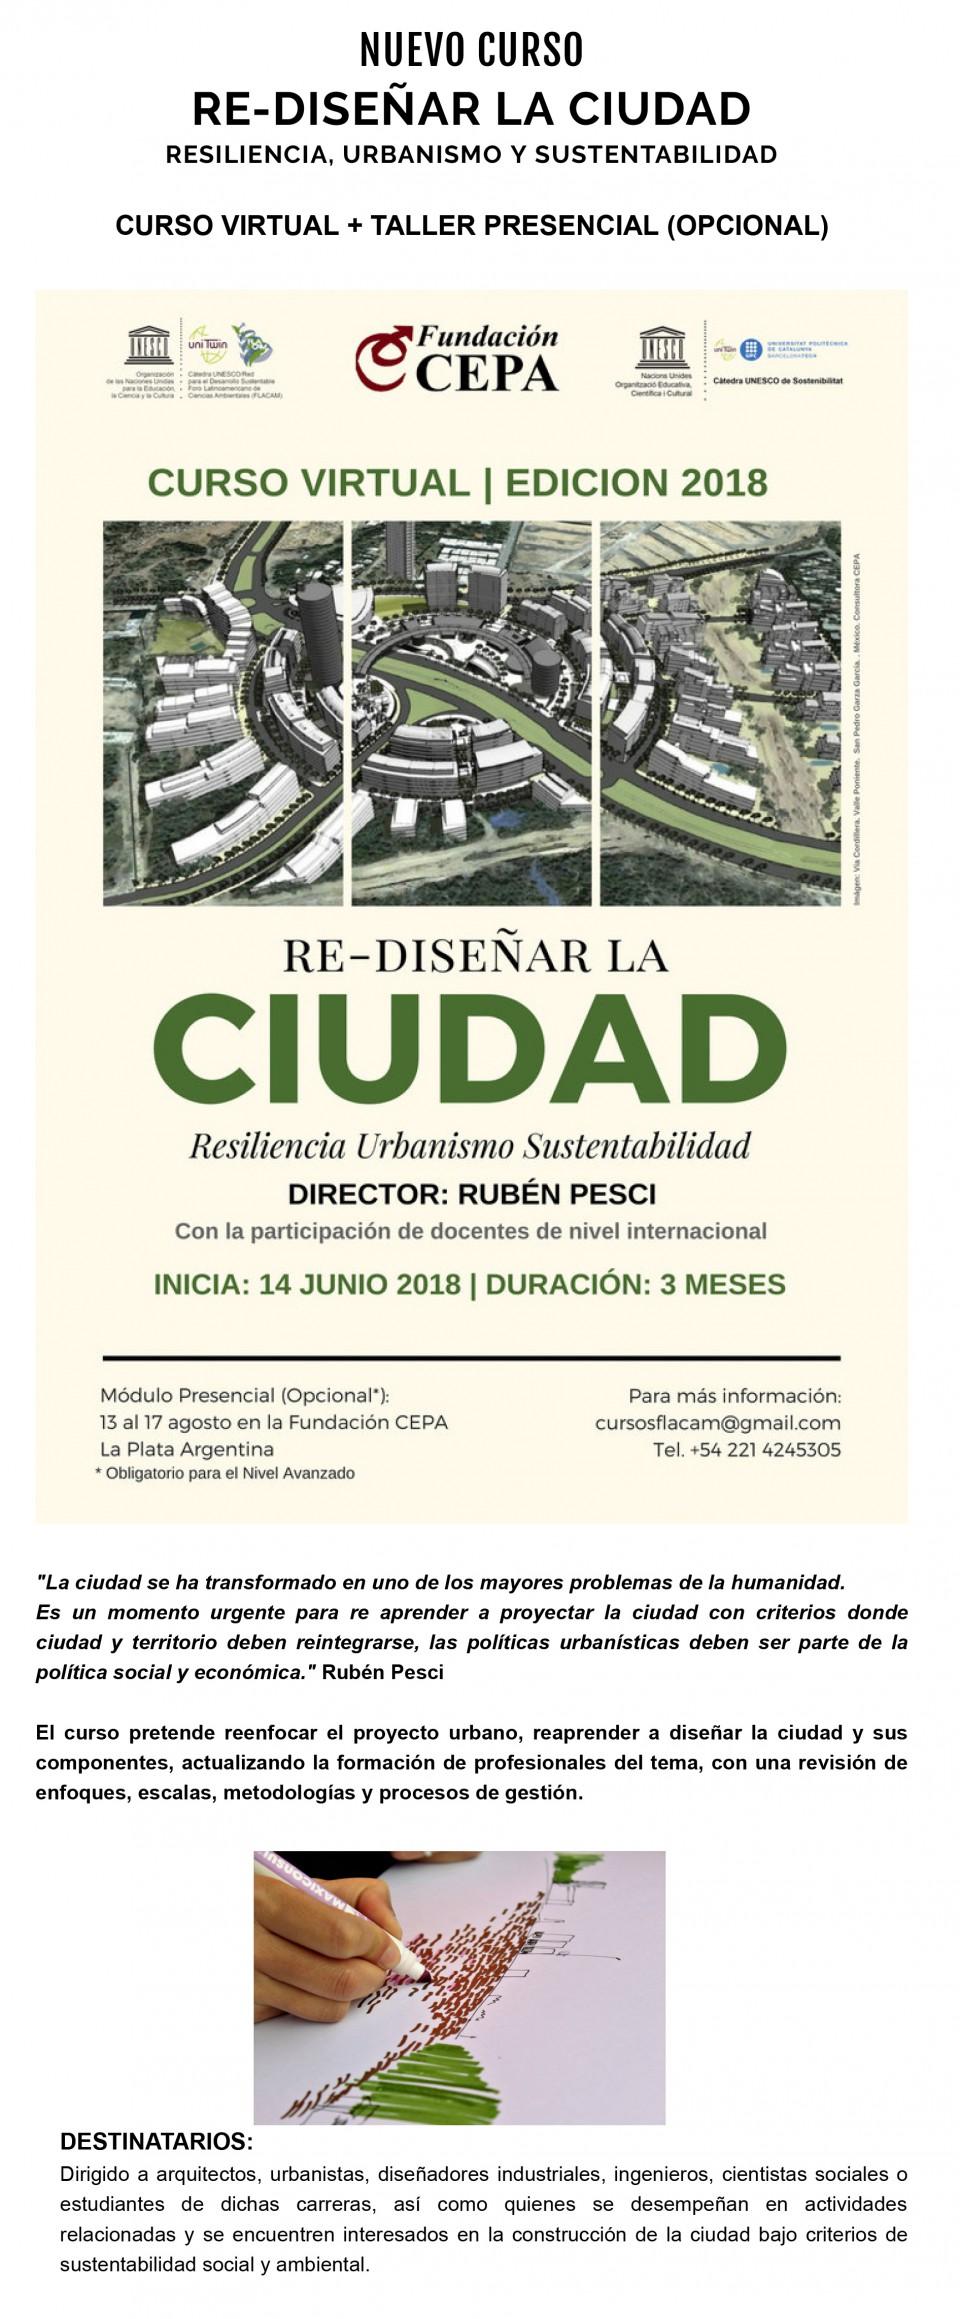 RE-DISEÑAR LA CIUDAD  RESILIENCIA, URBANISMO Y SUSTENTABILIDAD